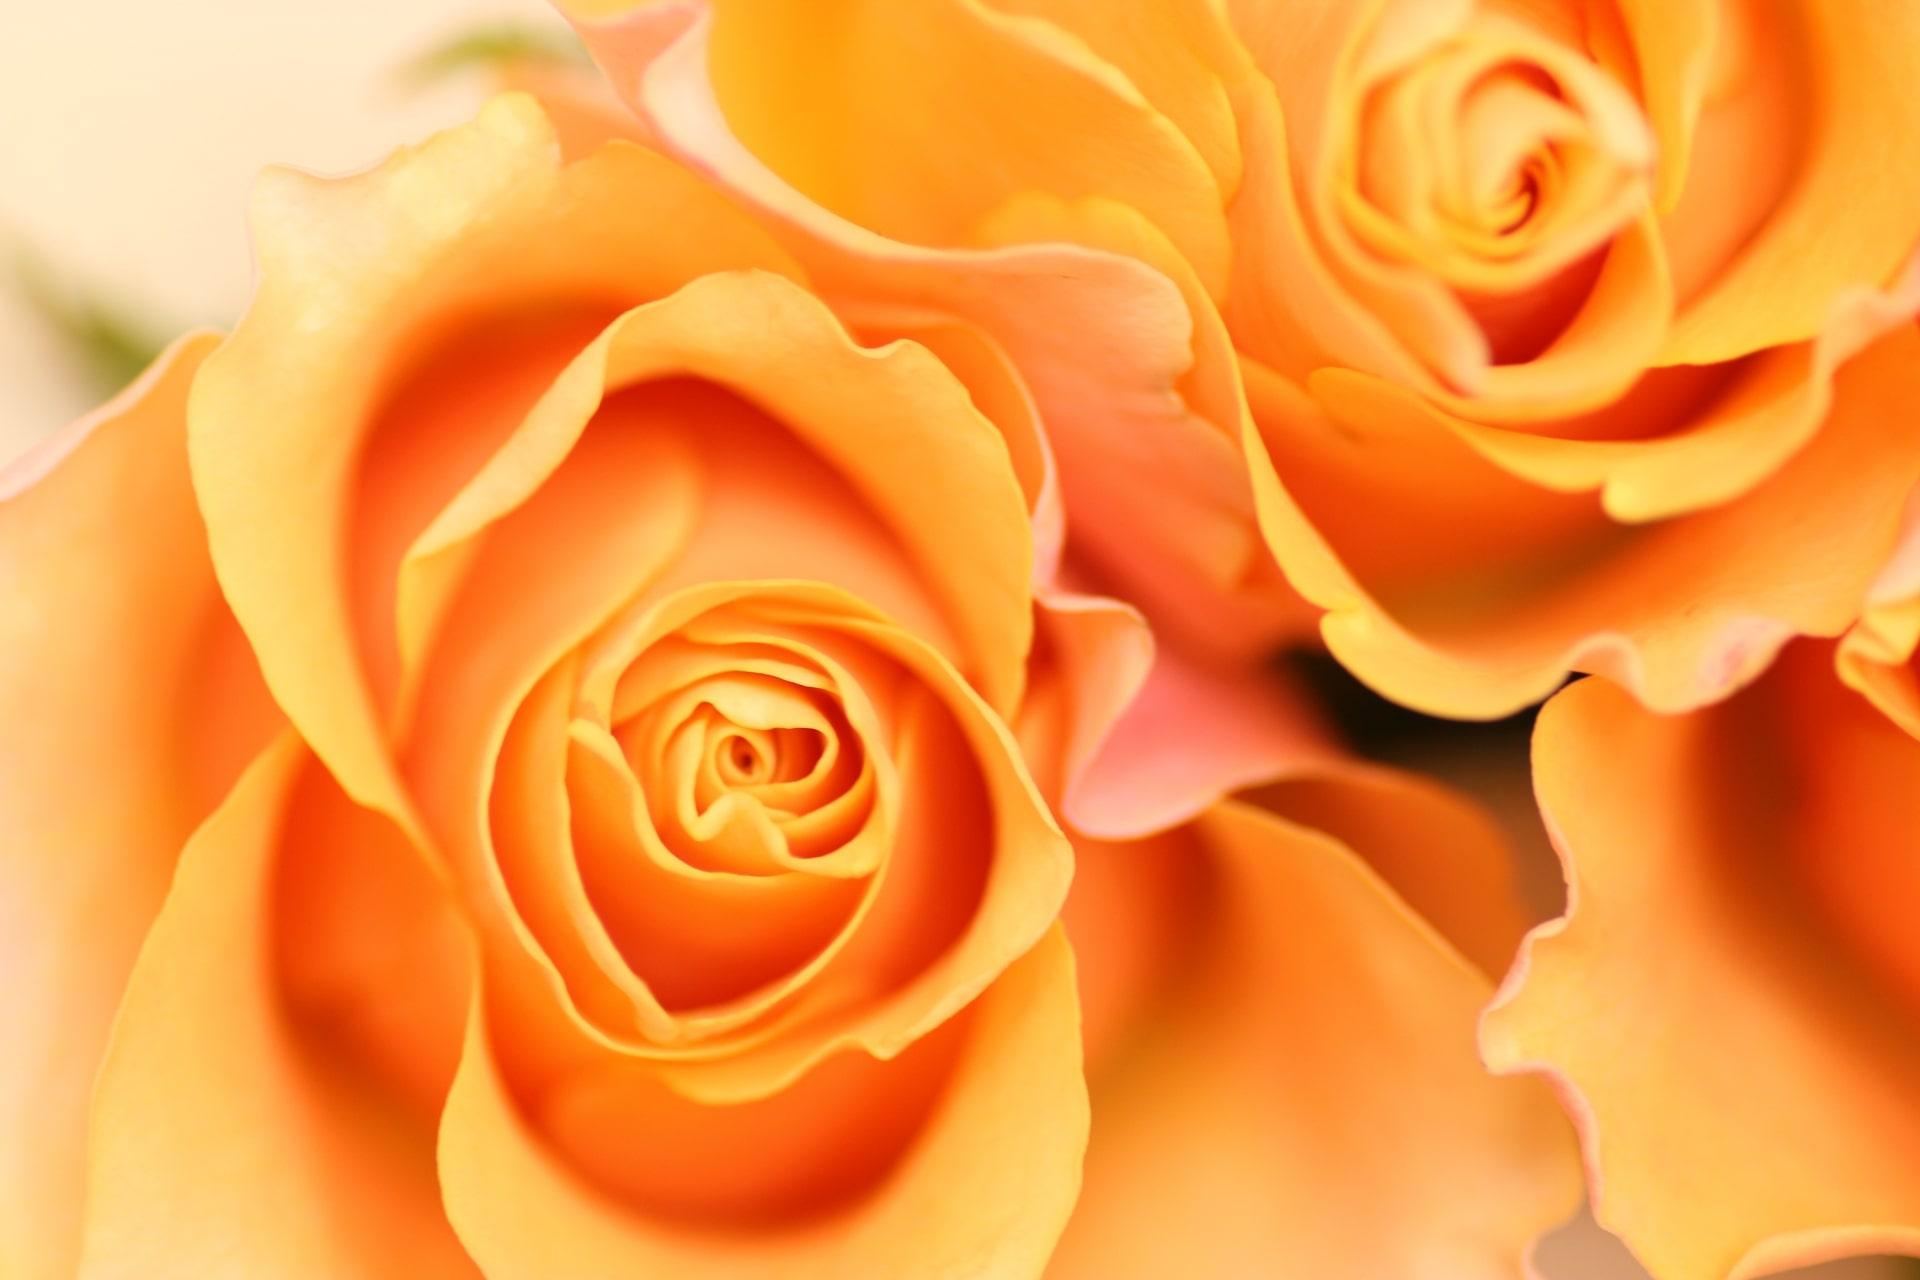 【色の効果】橙色があなたに与える効果・パワー